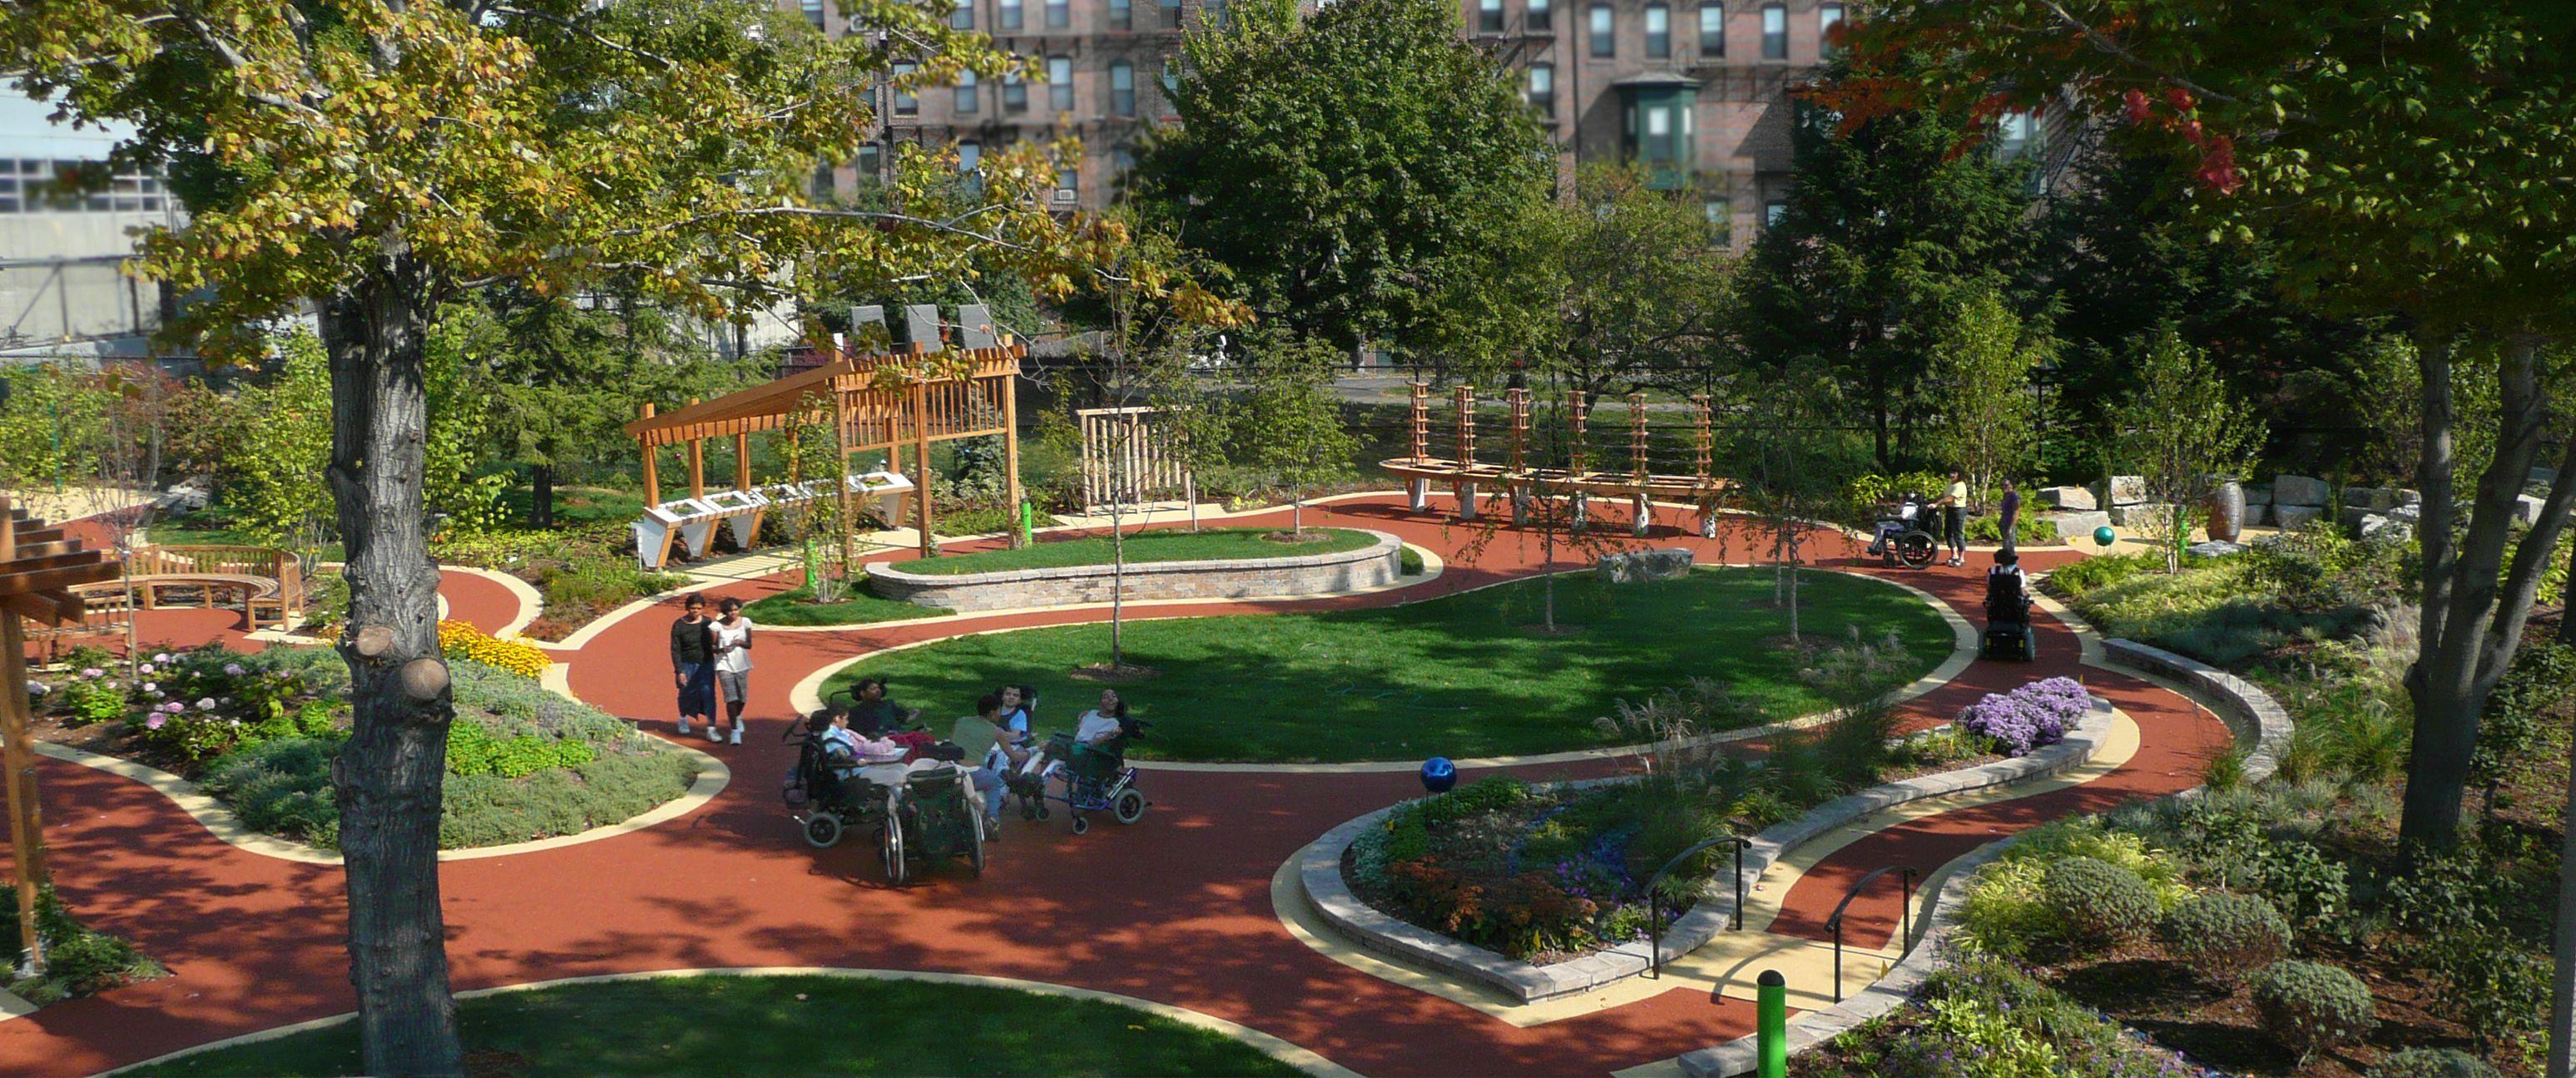 w e carter school sensory garden